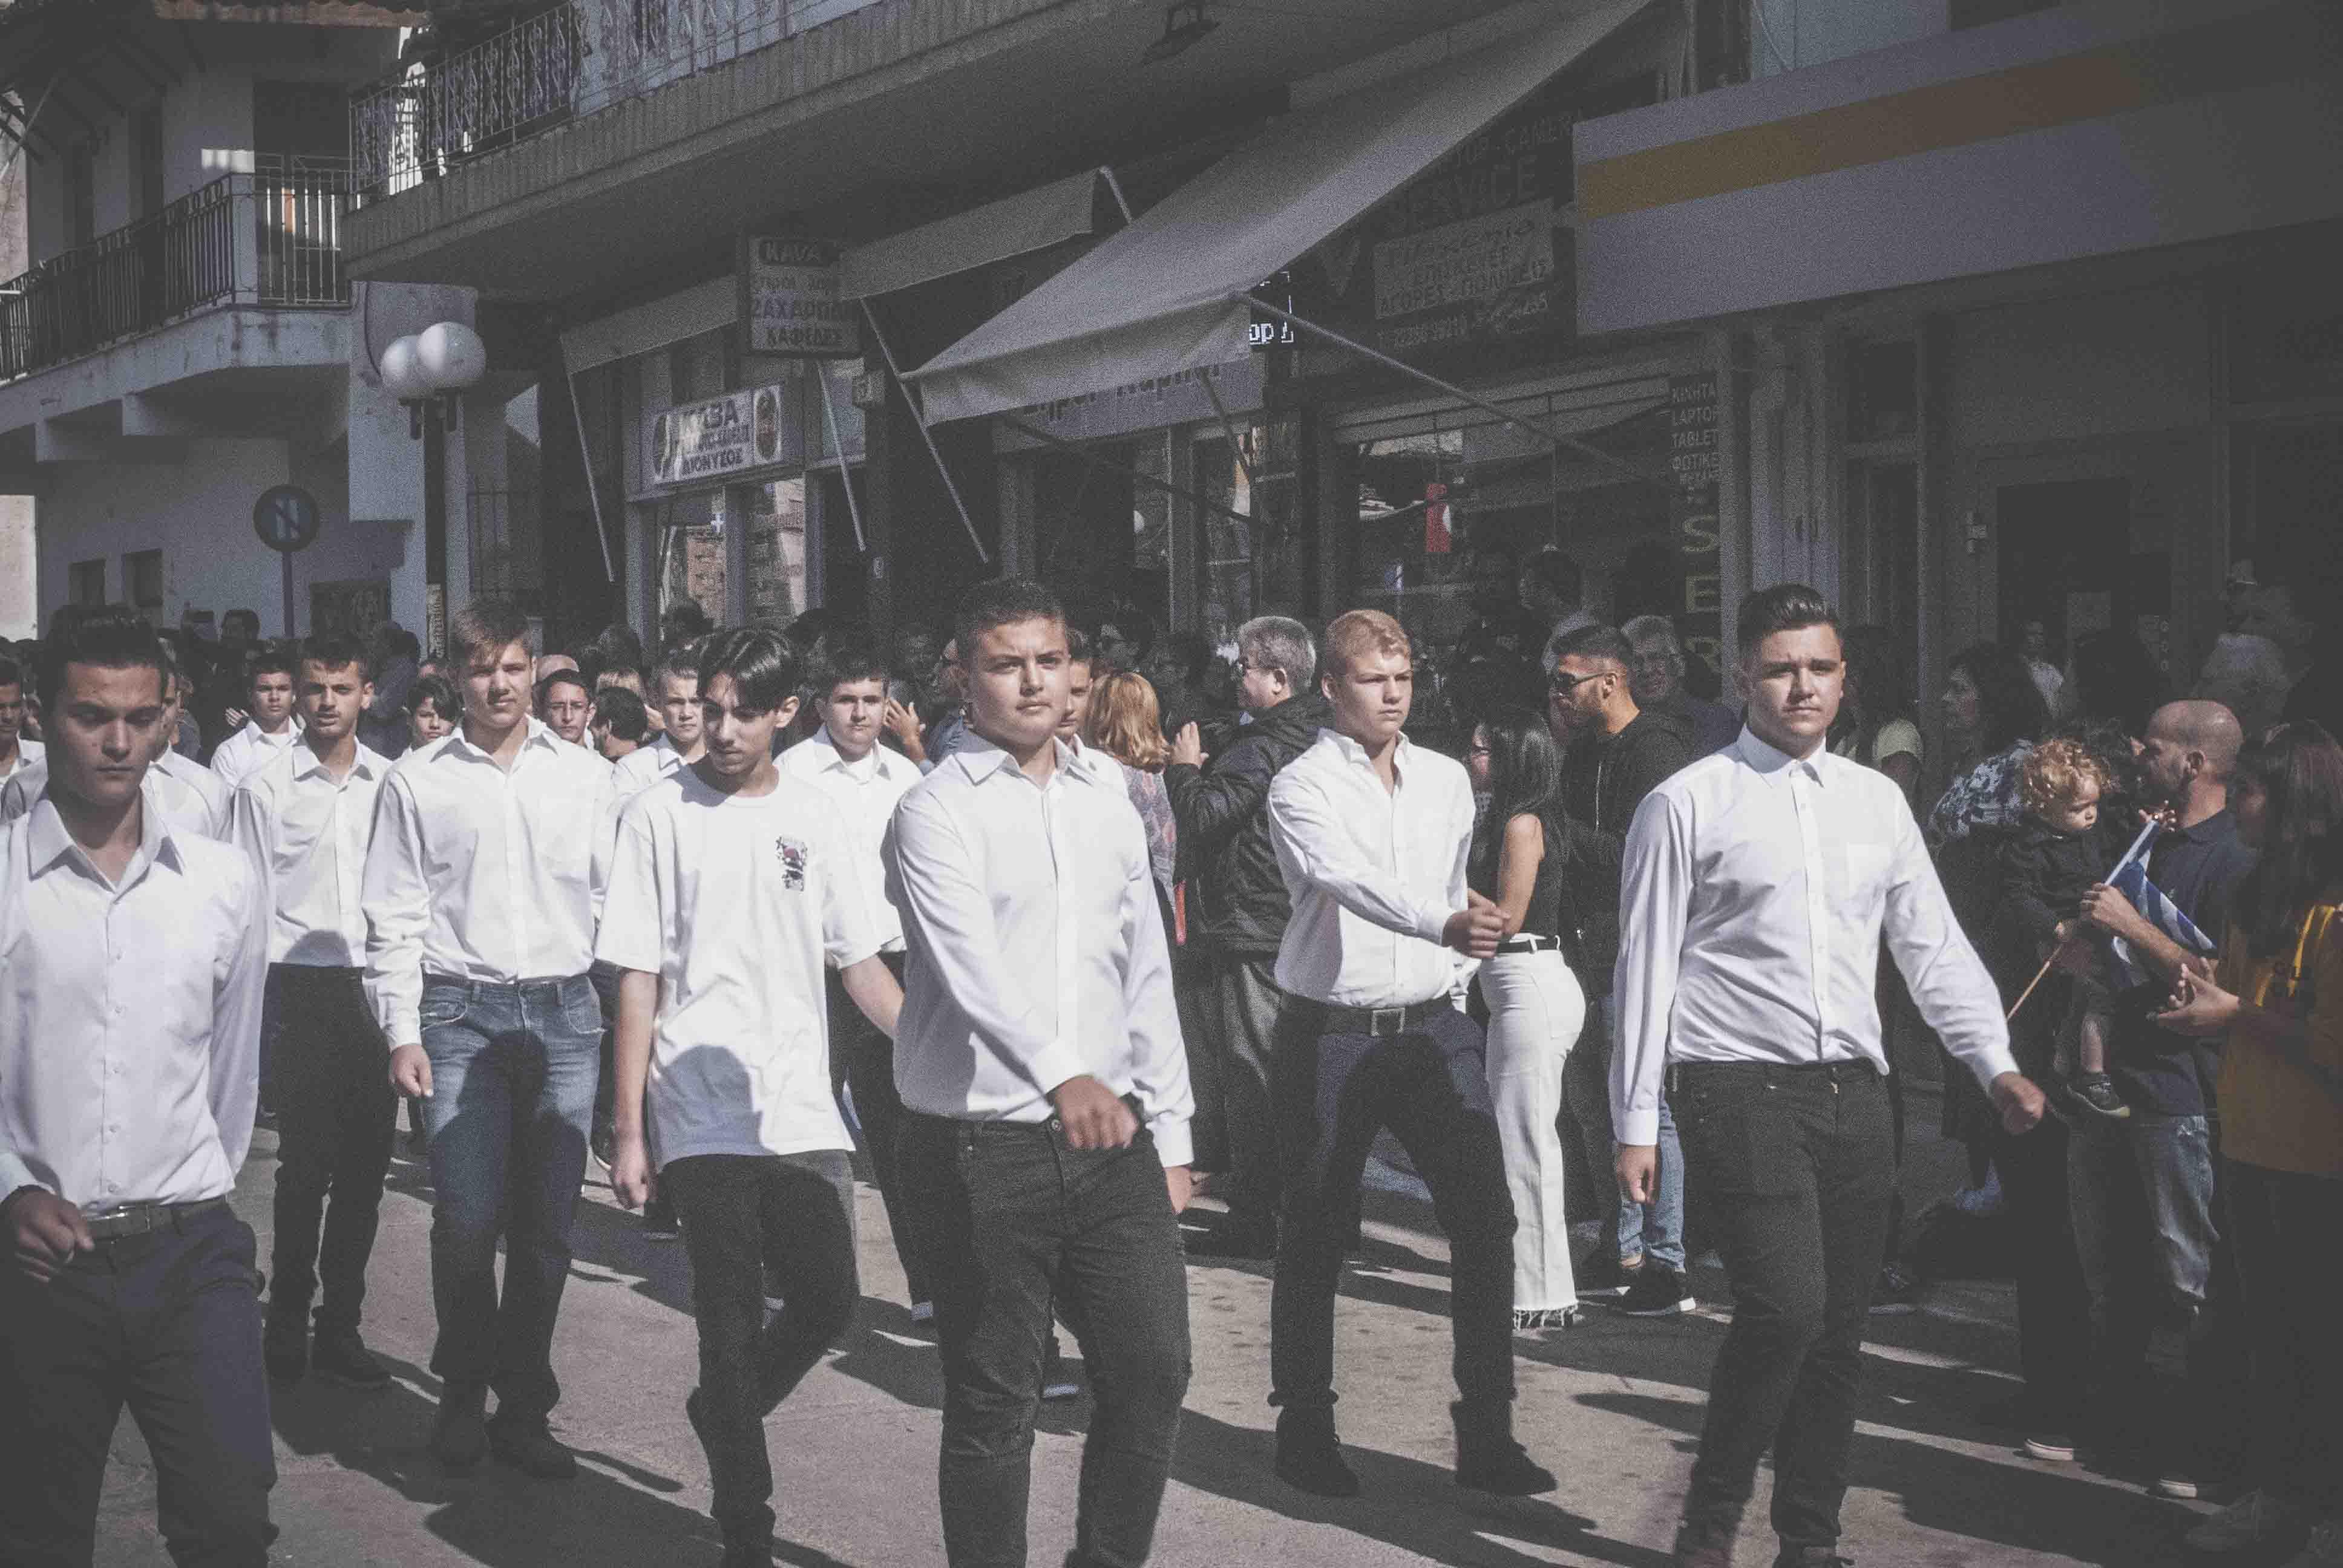 Φωτογραφικό υλικό από την παρέλαση στα Ψαχνά Φωτογραφικό υλικό από την παρέλαση στα Ψαχνά DSC 0426